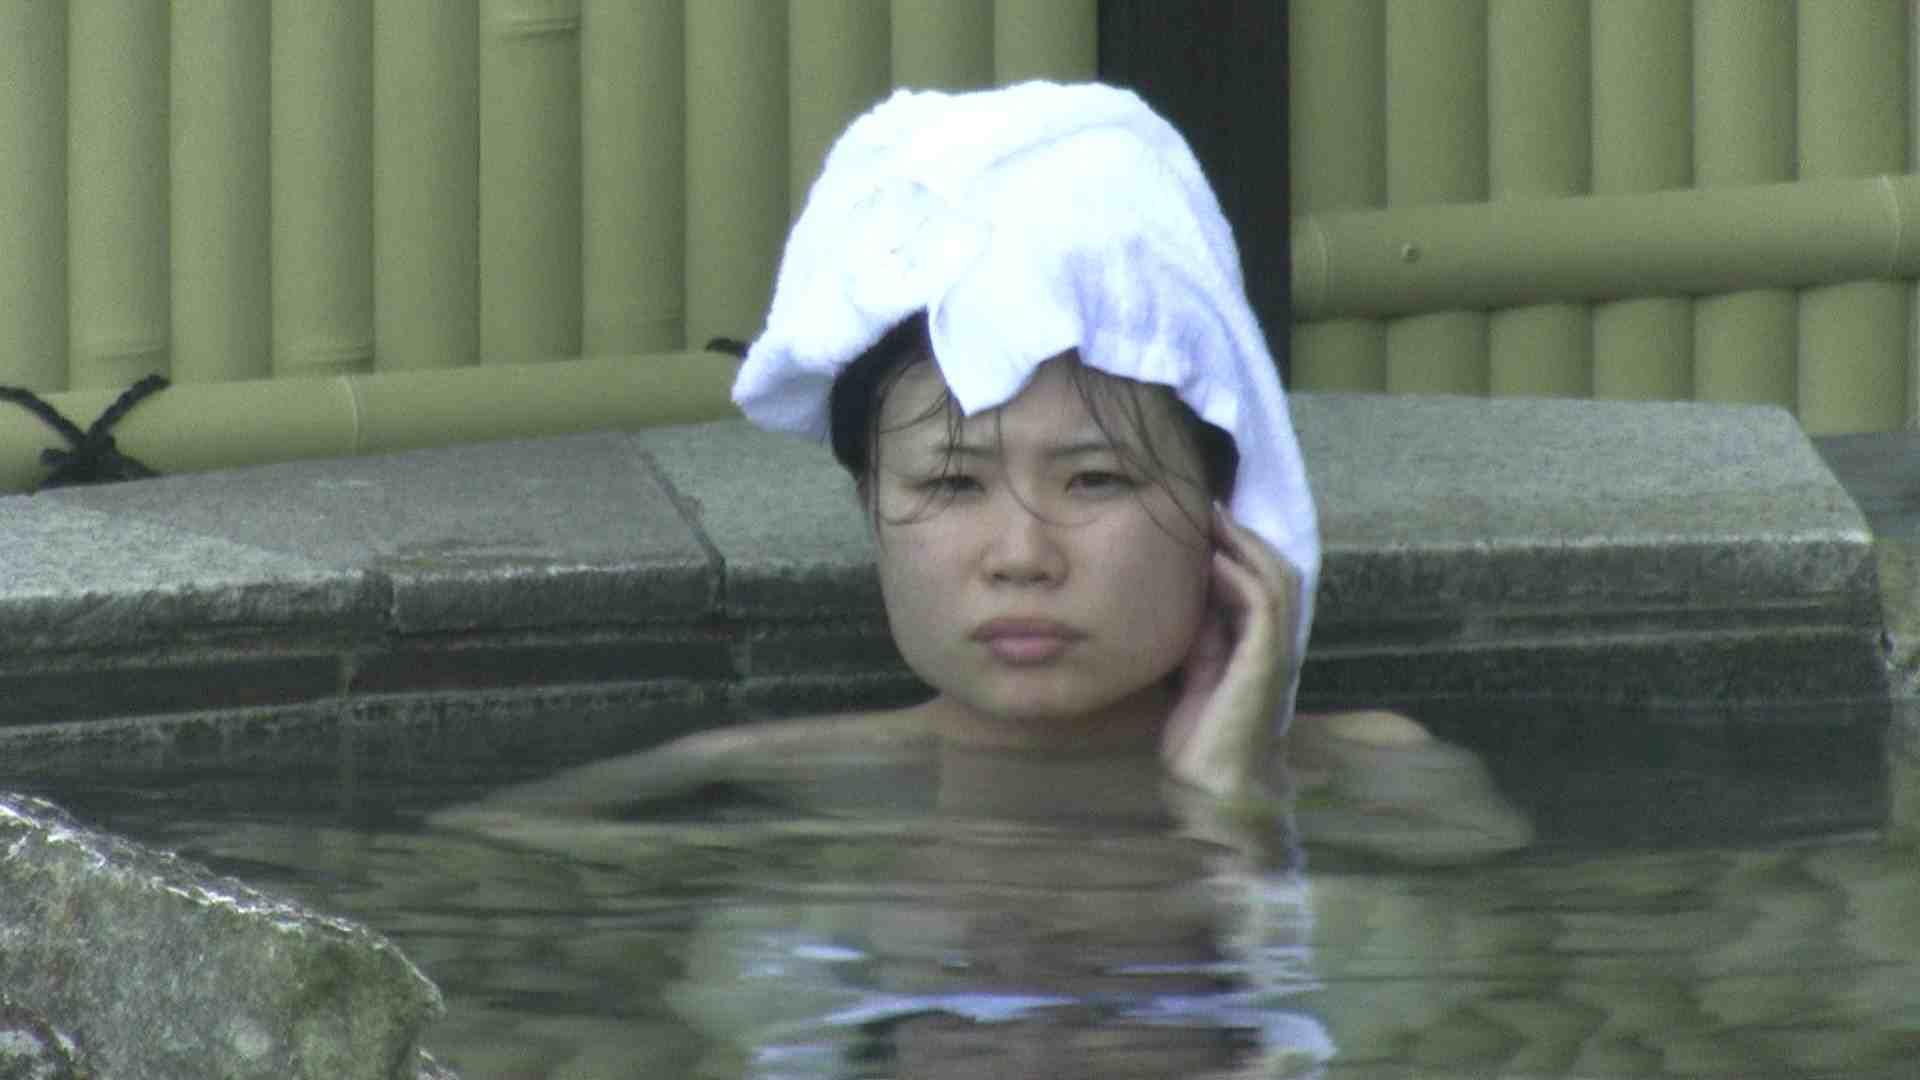 Aquaな露天風呂Vol.183 美しいOLの裸体  105pic 78